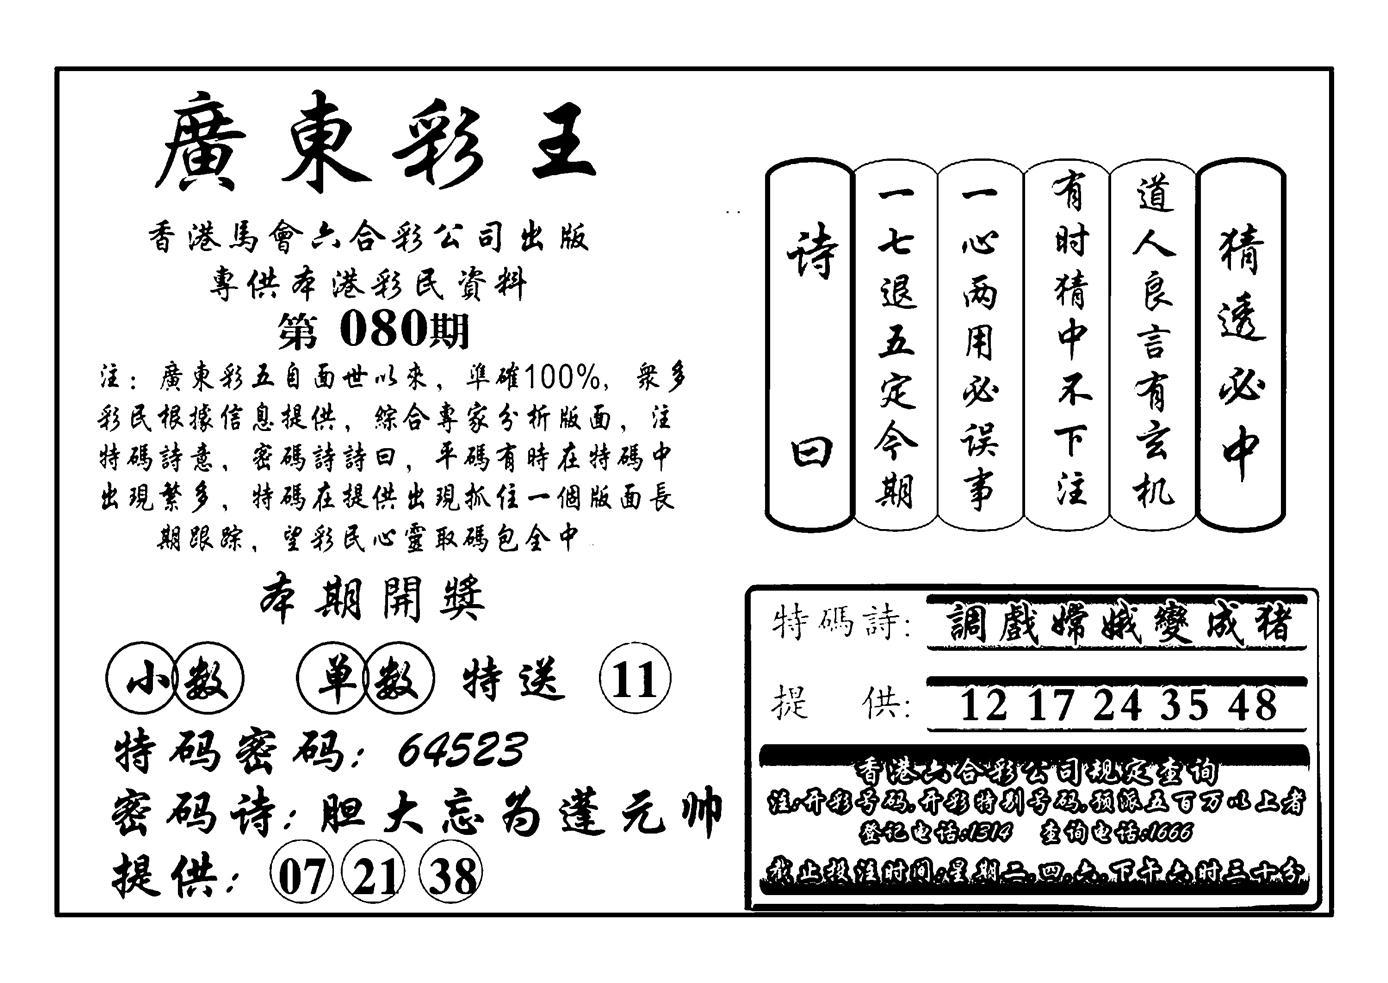 080期广东彩王(黑白)